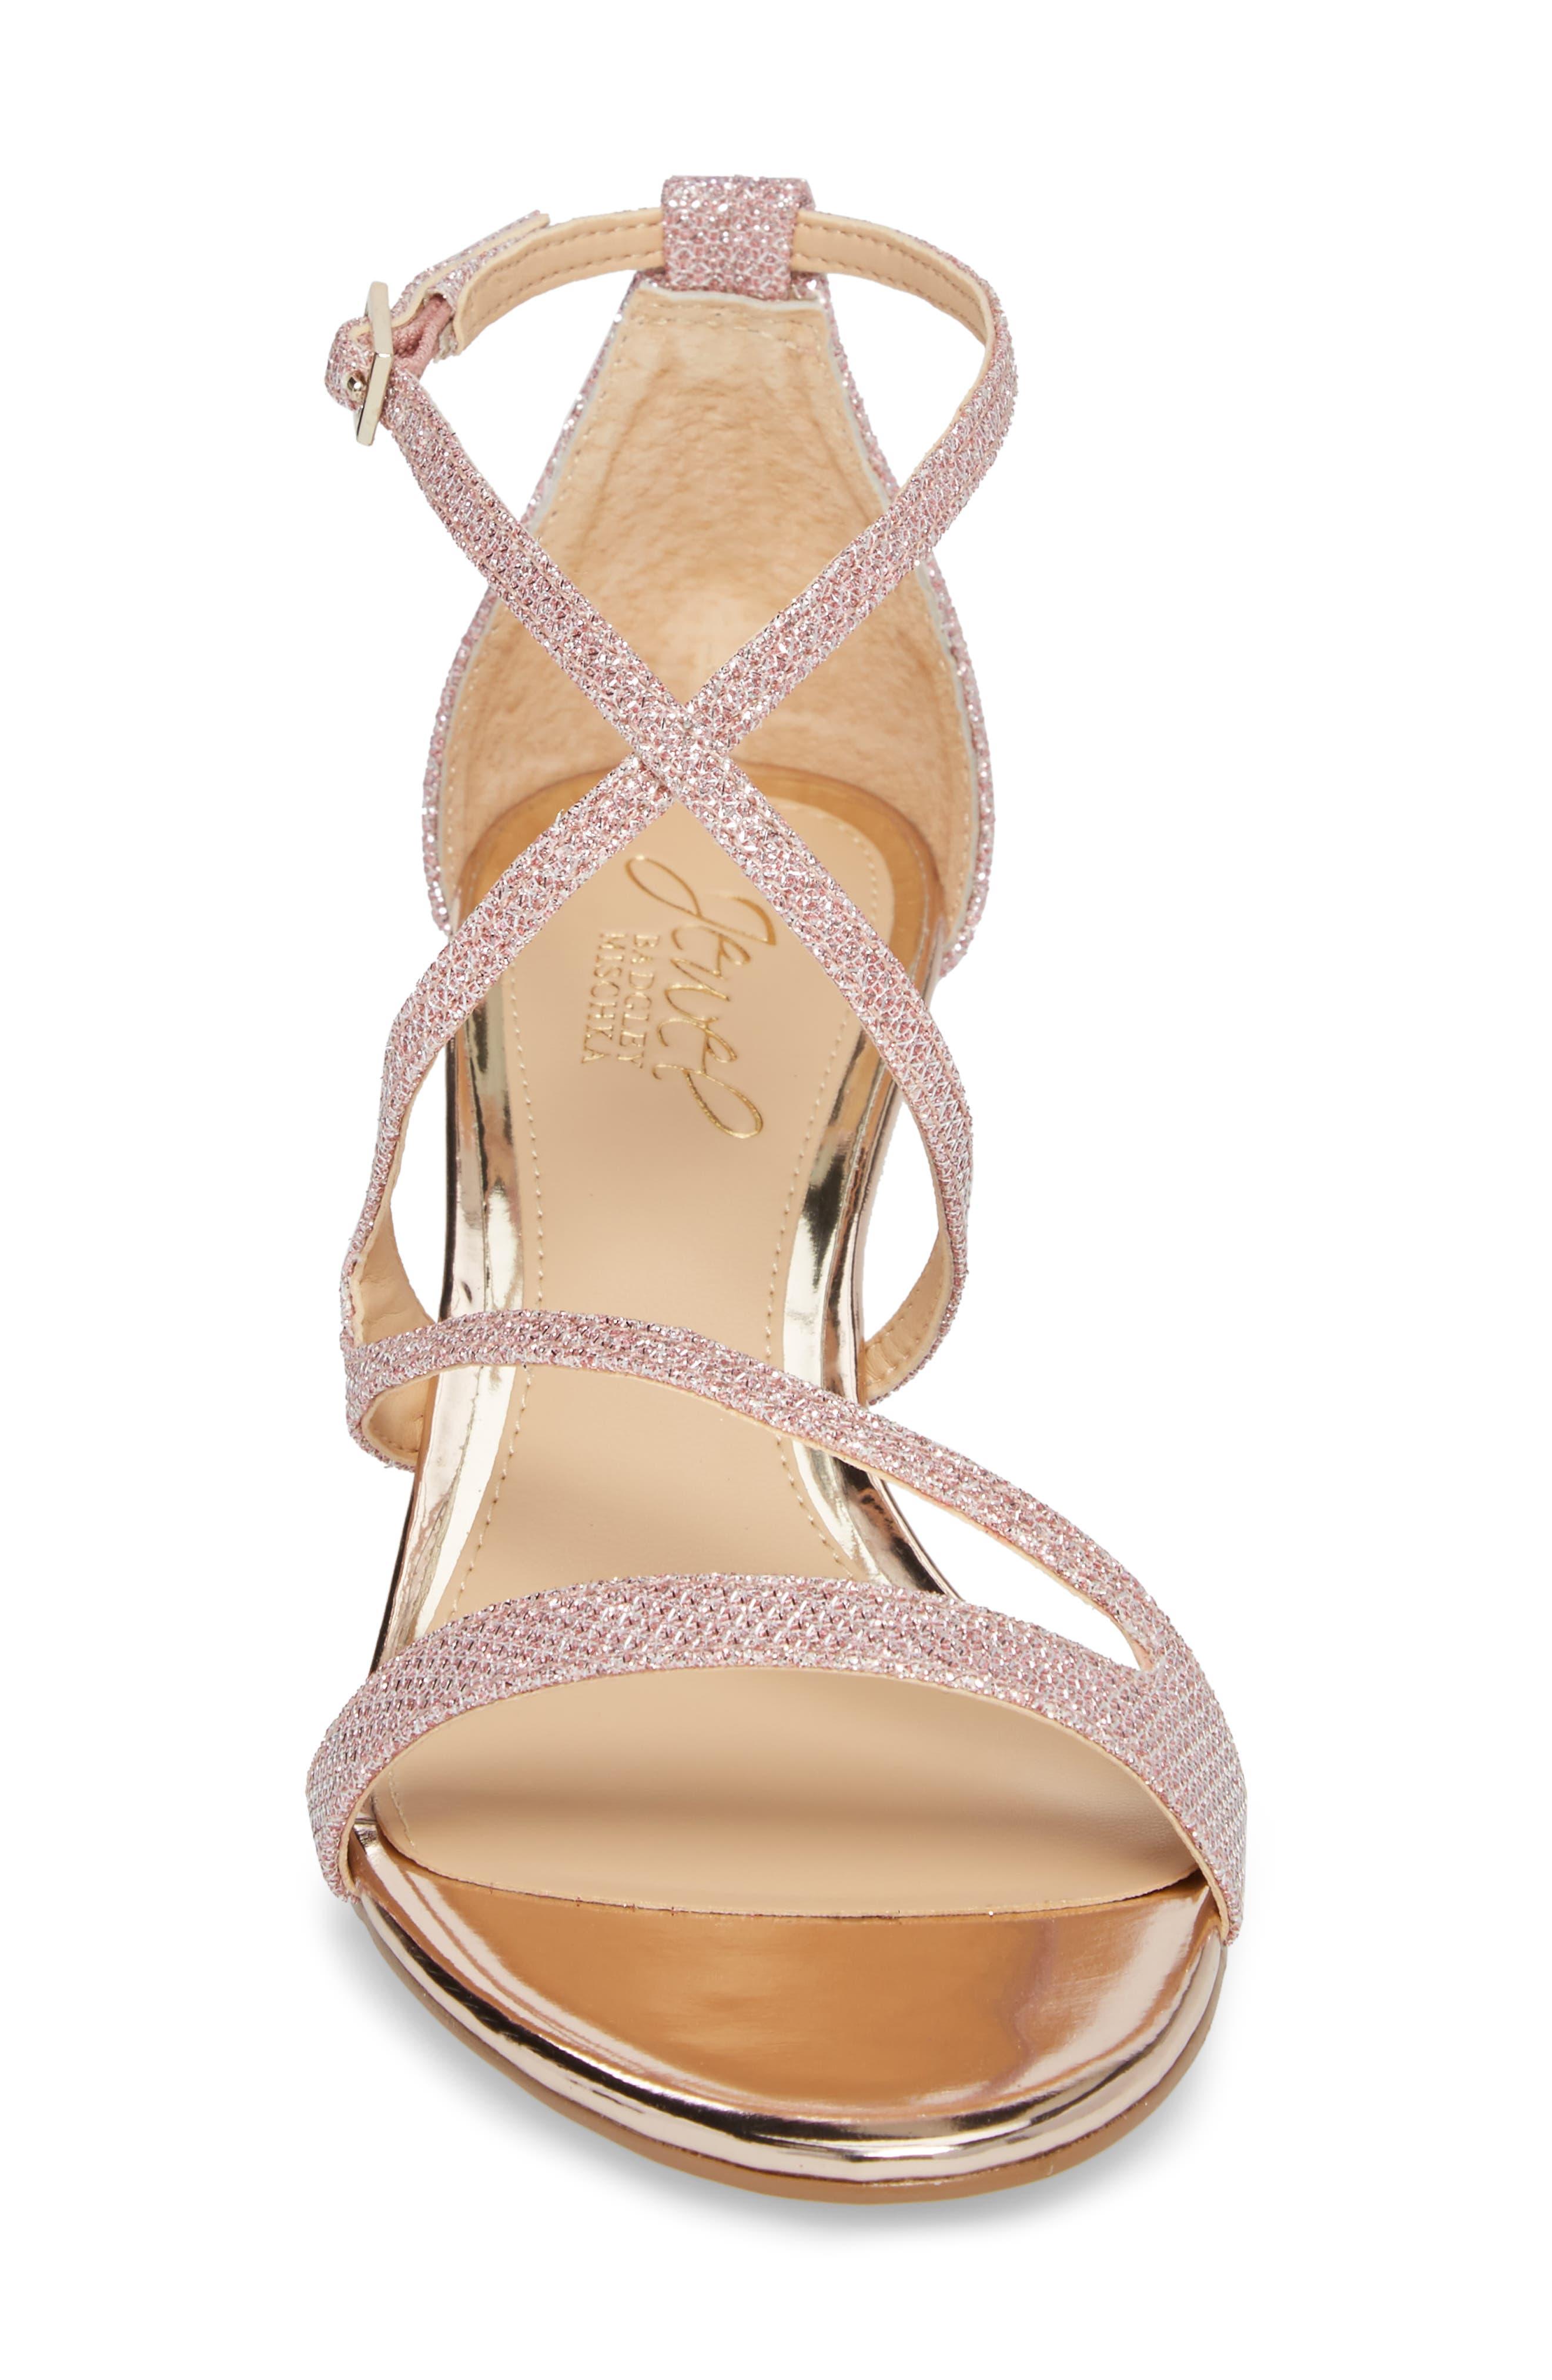 Gal Glitter Kitten Heel Sandal,                             Alternate thumbnail 4, color,                             Rose Gold Glitter Fabric